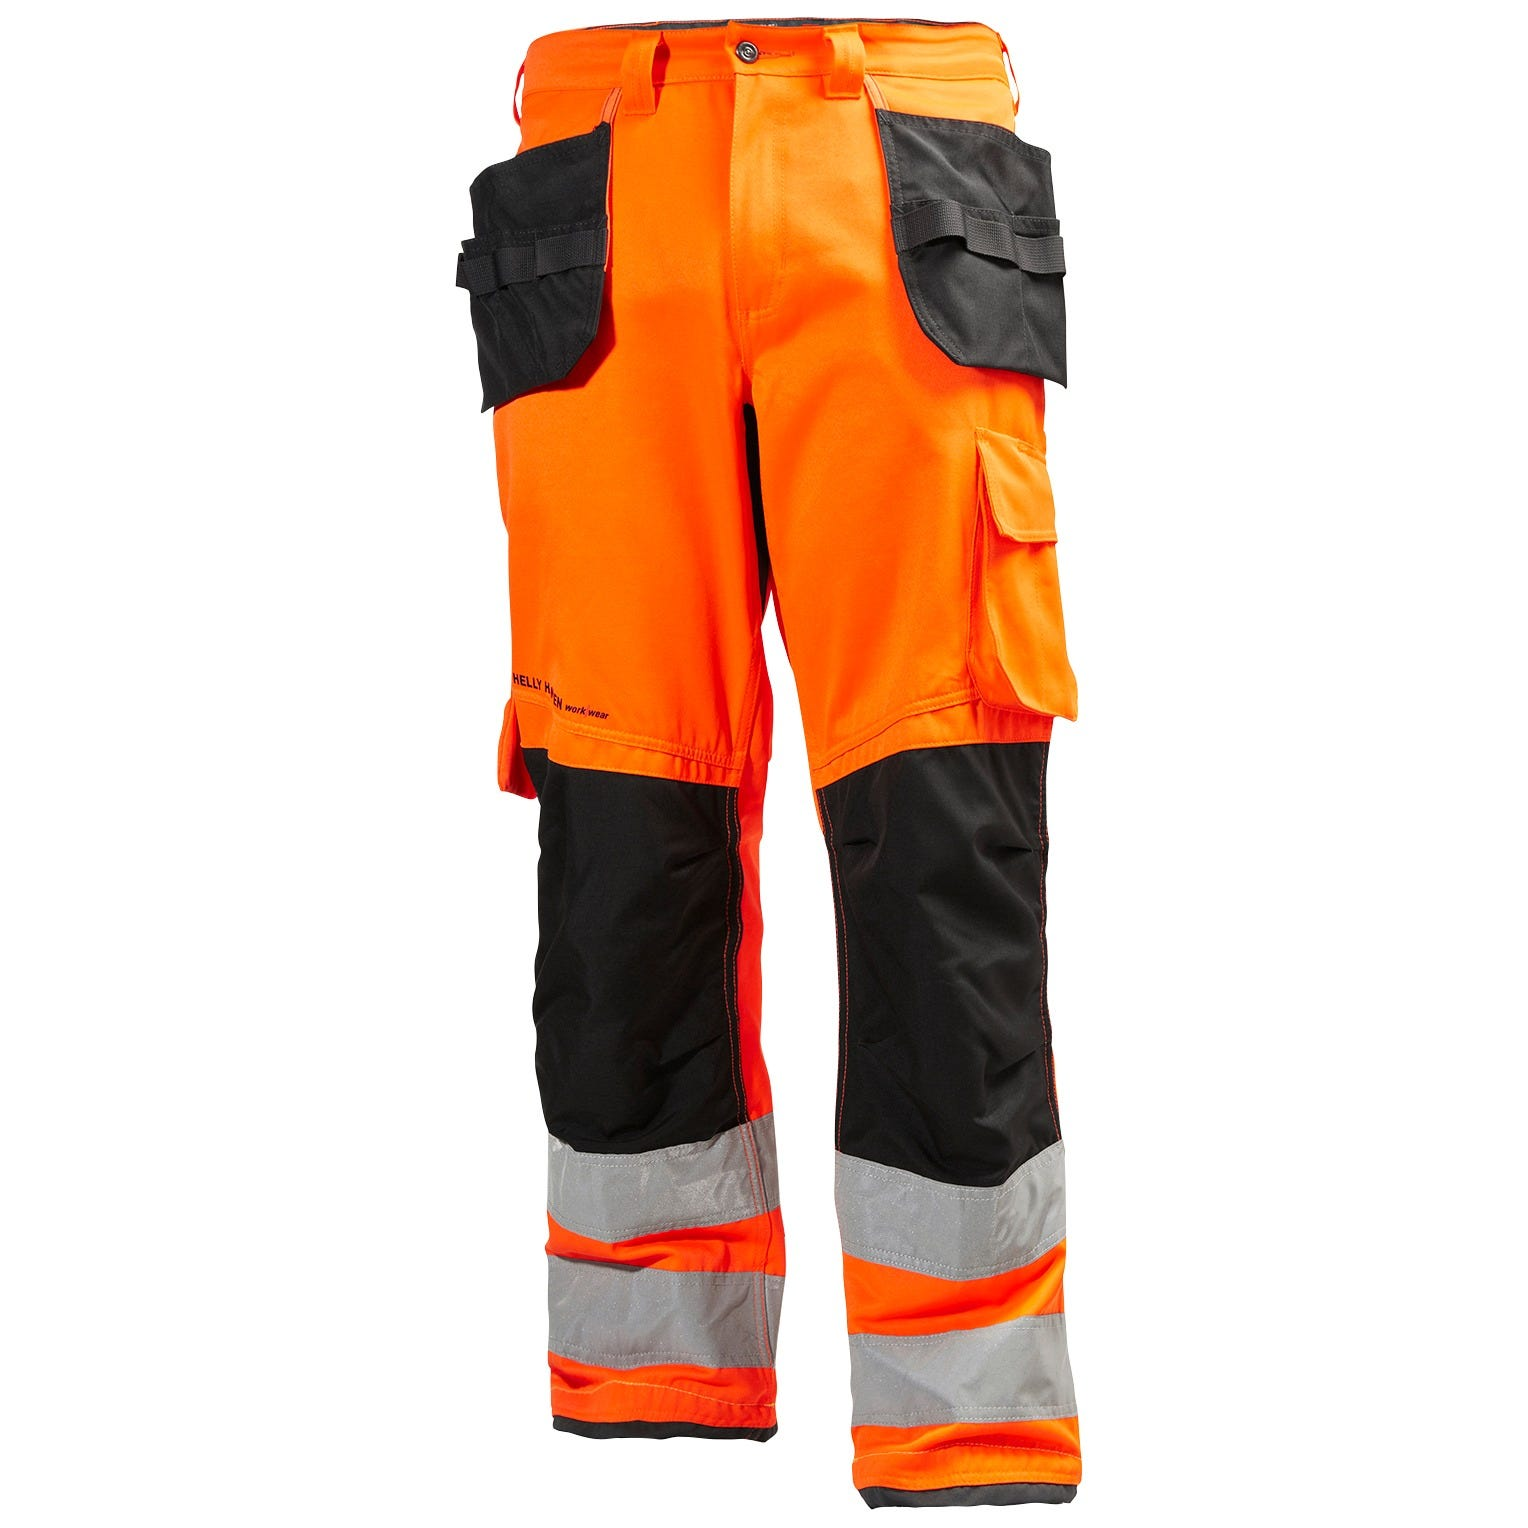 Helly Hansen Werkbroeken Alna 77413 High Vis fluo oranje-antracietgrijs(269)